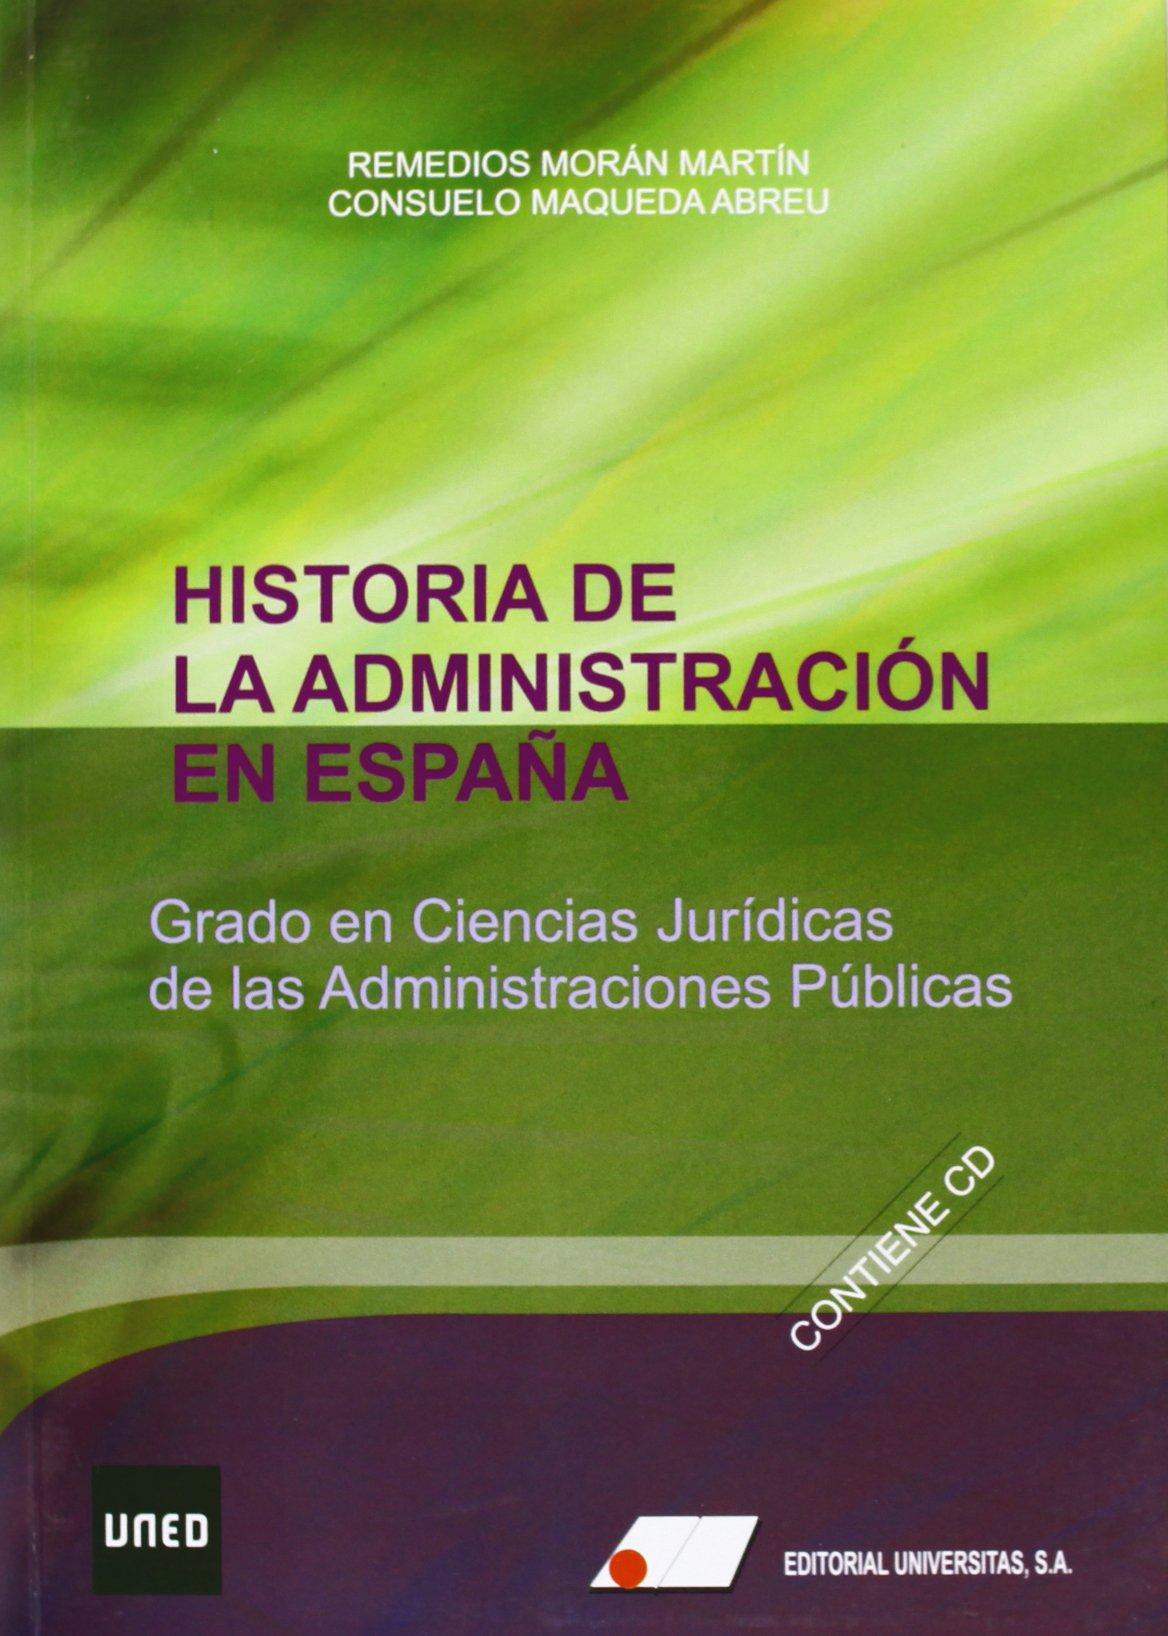 Historia de la administración en España: Amazon.es: Maqueda Abreu, Consuelo, Morán Martín, Remedios, Maqueda Abreu, Consuelo, Morán Martín, Remedios: Libros